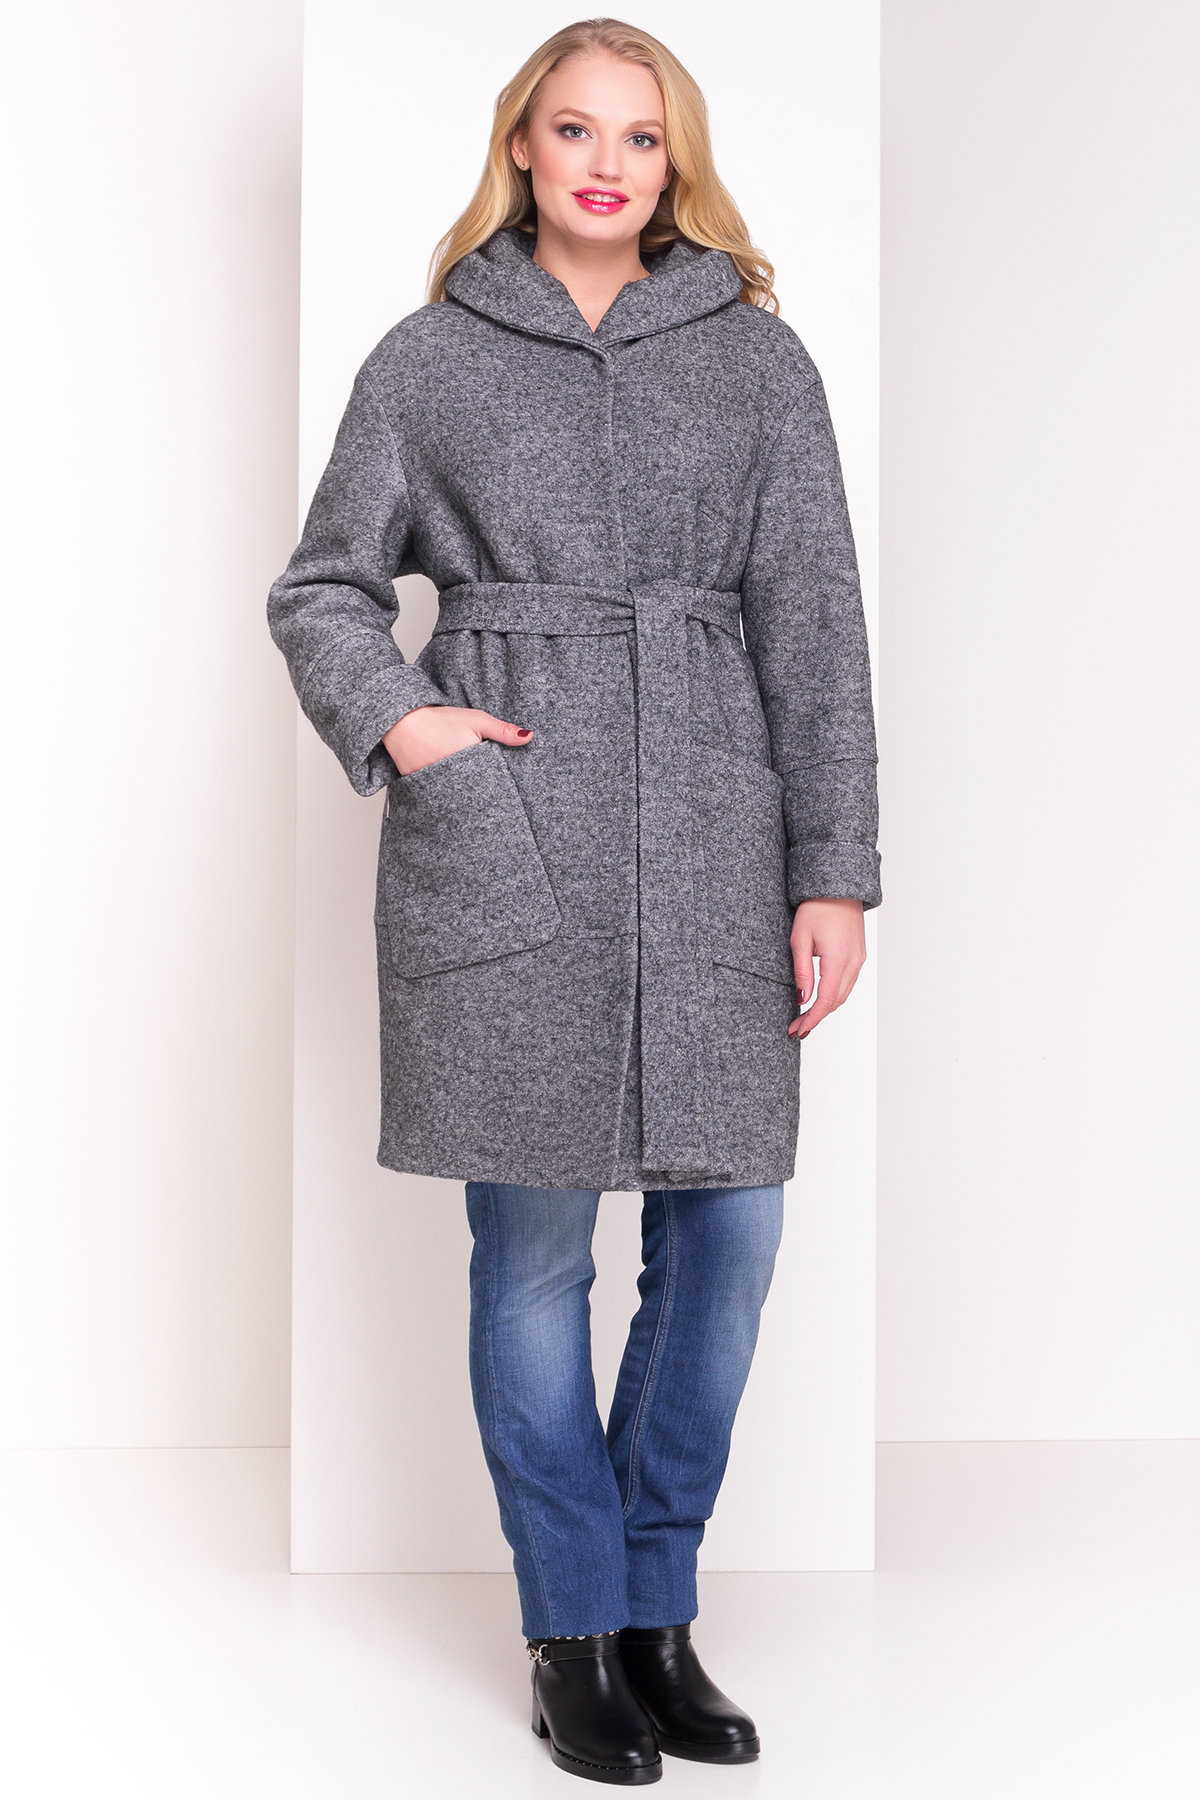 Пальто зима с капюшоном Анита Donna 3720 АРТ. 19290 Цвет: Серый Темный LW-5 - фото 2, интернет магазин tm-modus.ru